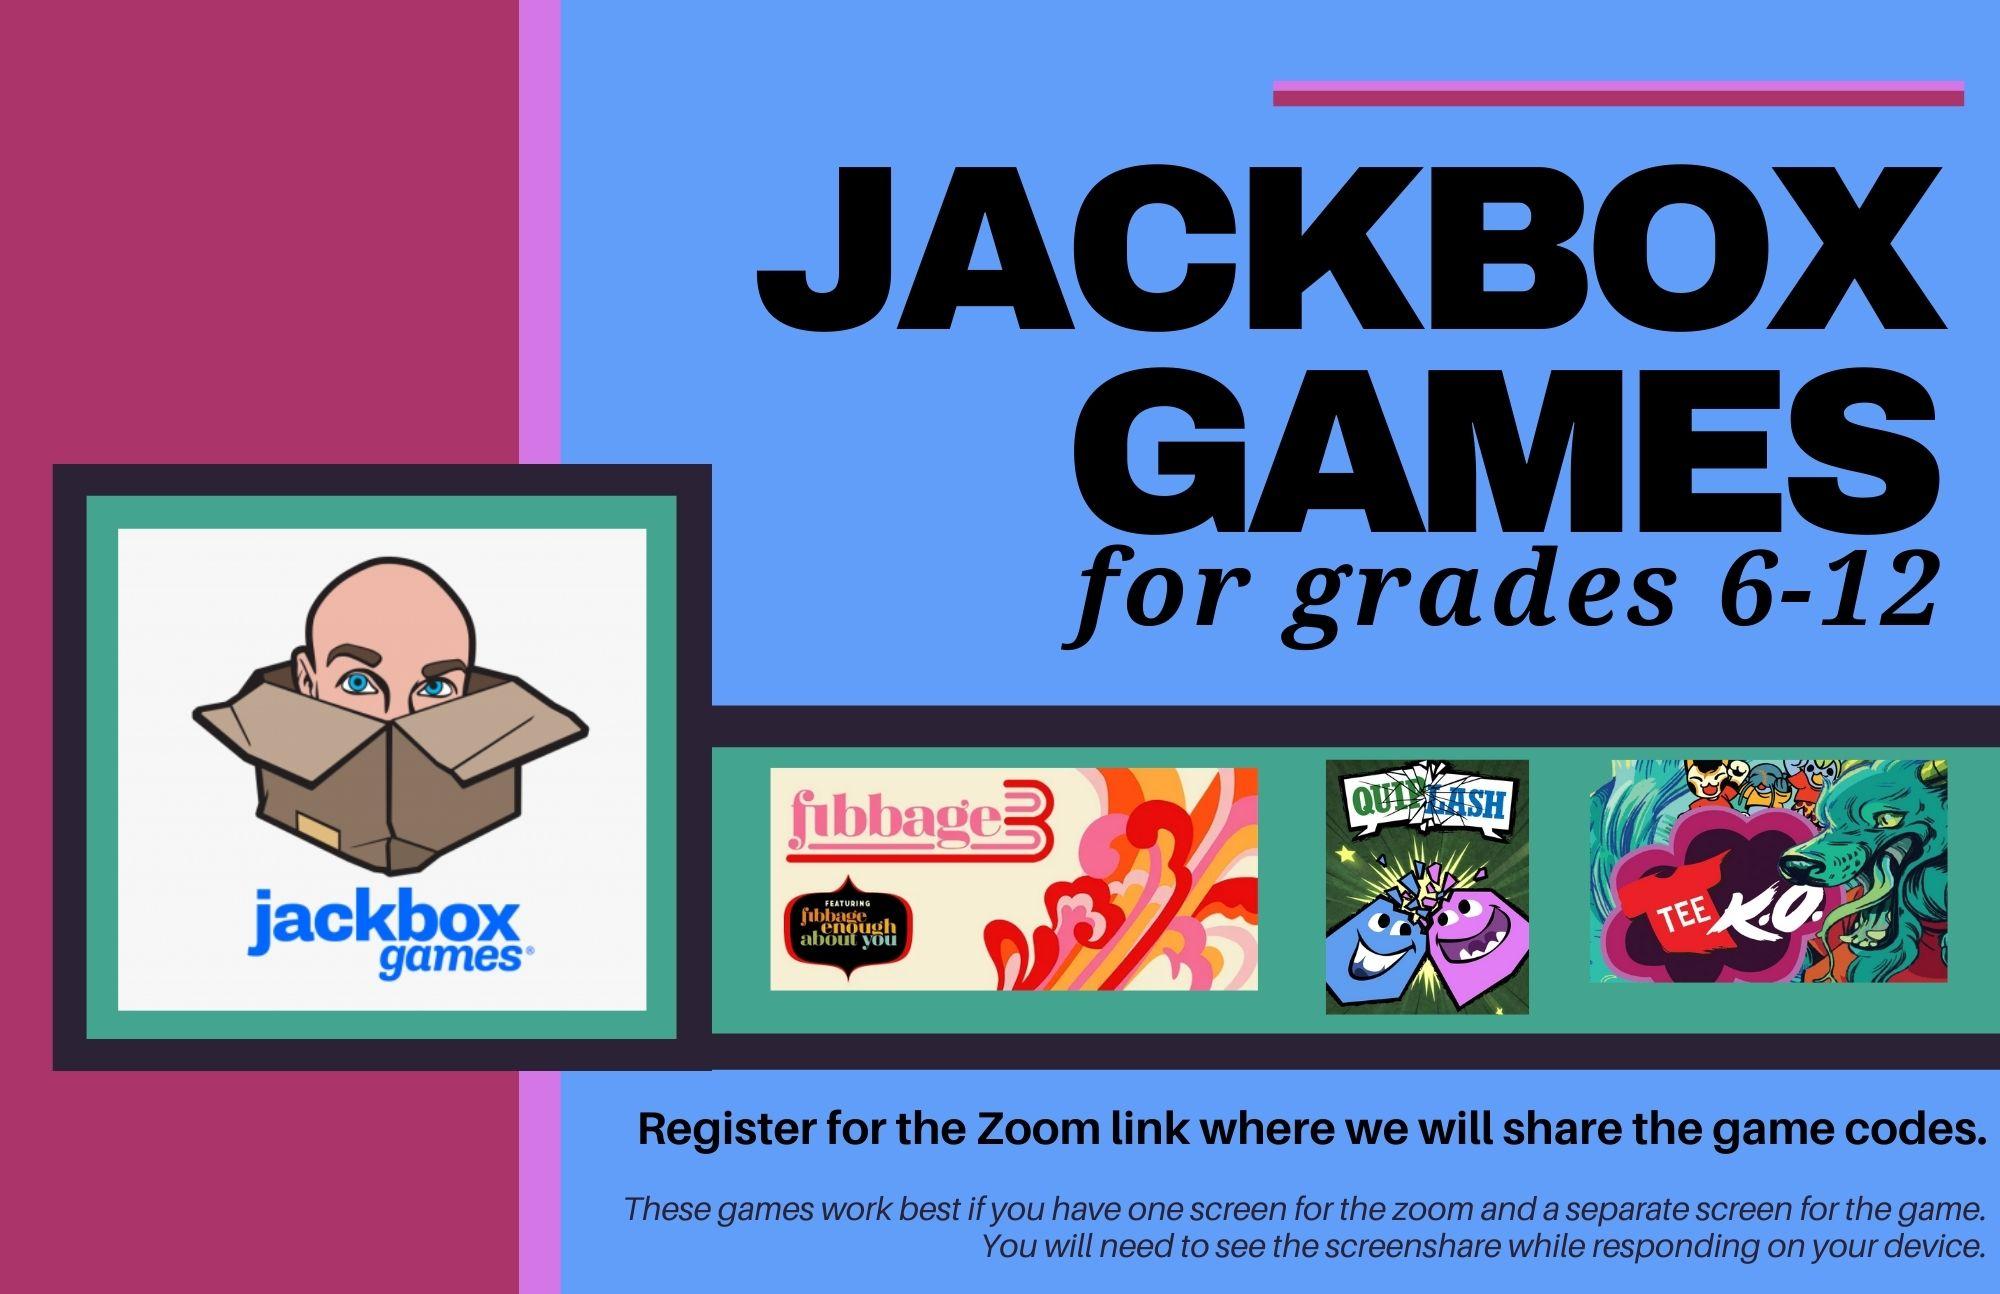 JackBox Games for Teens